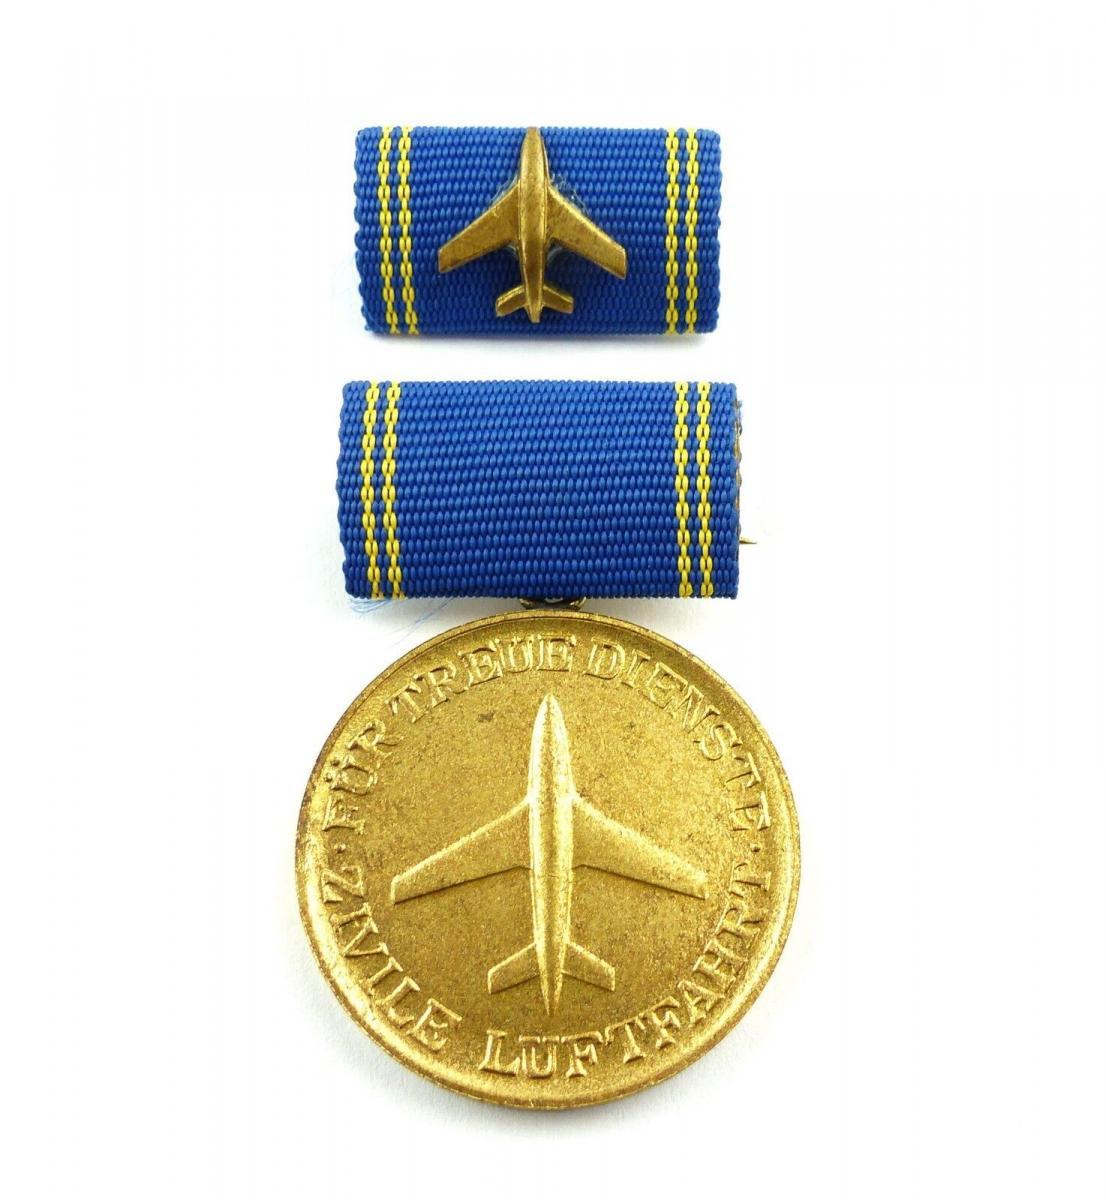 #e8731 Medaille für treue Dienste in der zivilen Luftfahrt goldfarben Nr. 188 b